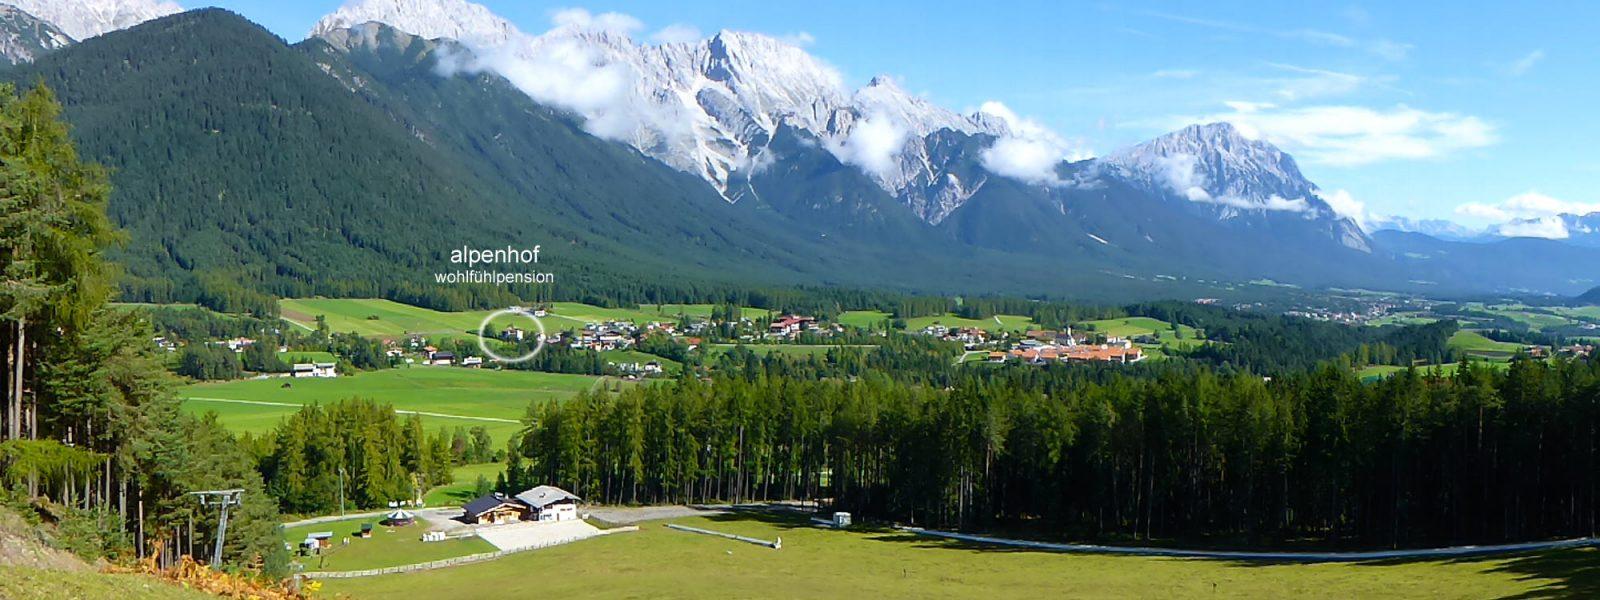 Vom Grünberg zum Alpenhof